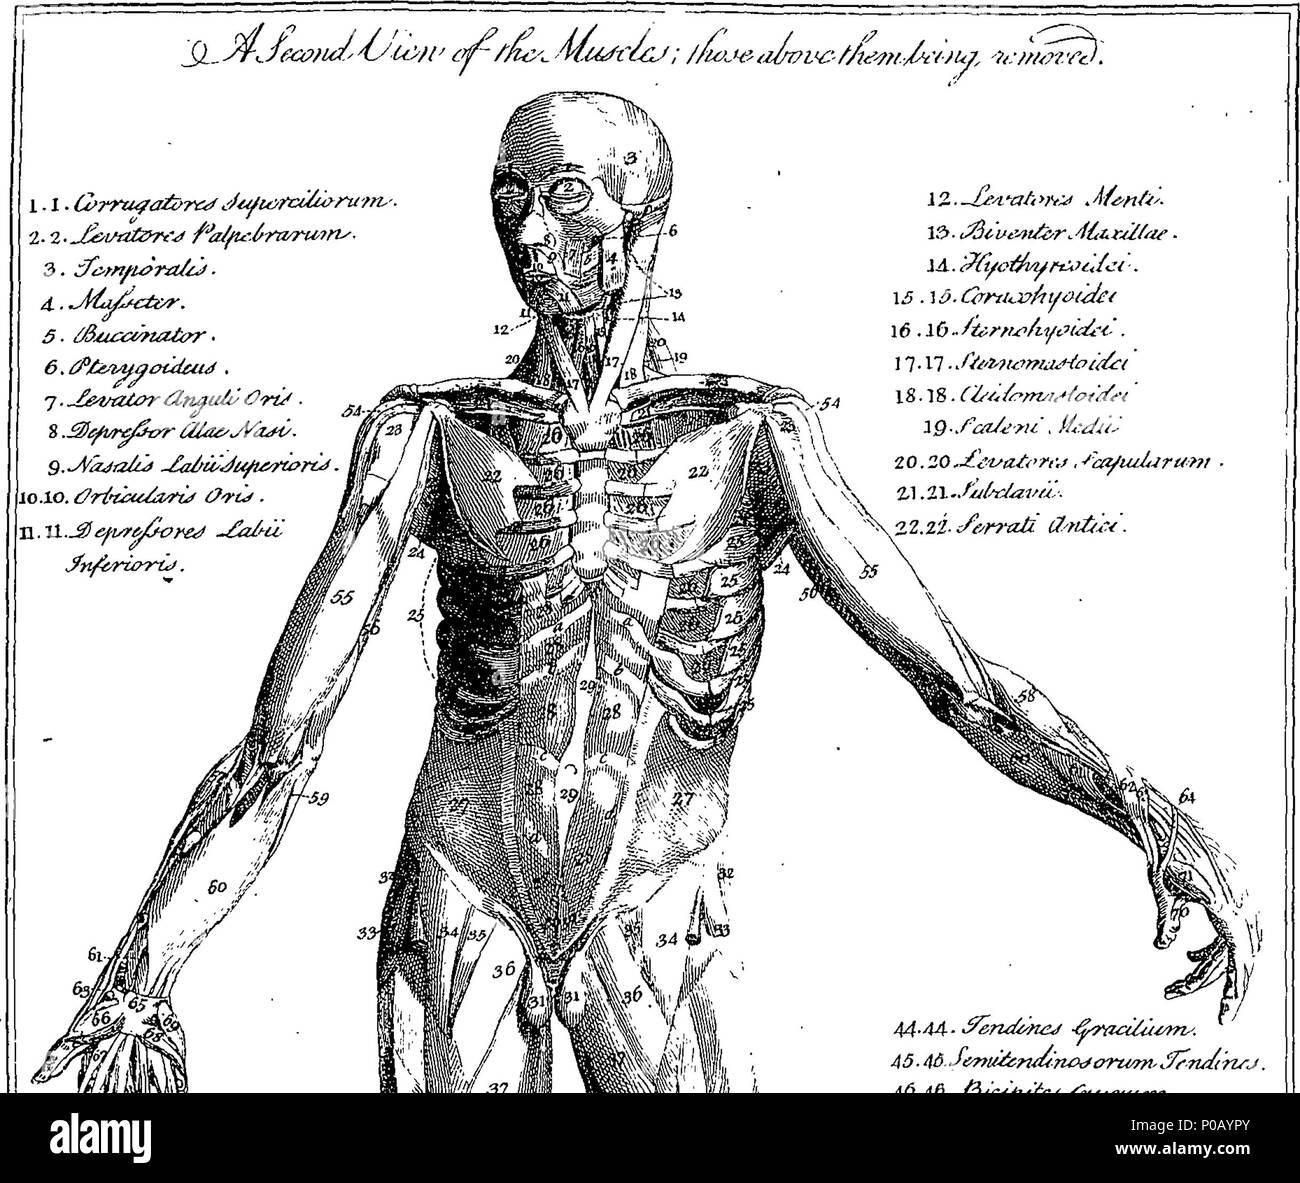 Excelente Bloque Grifo Anatomía Patrón - Imágenes de Anatomía Humana ...